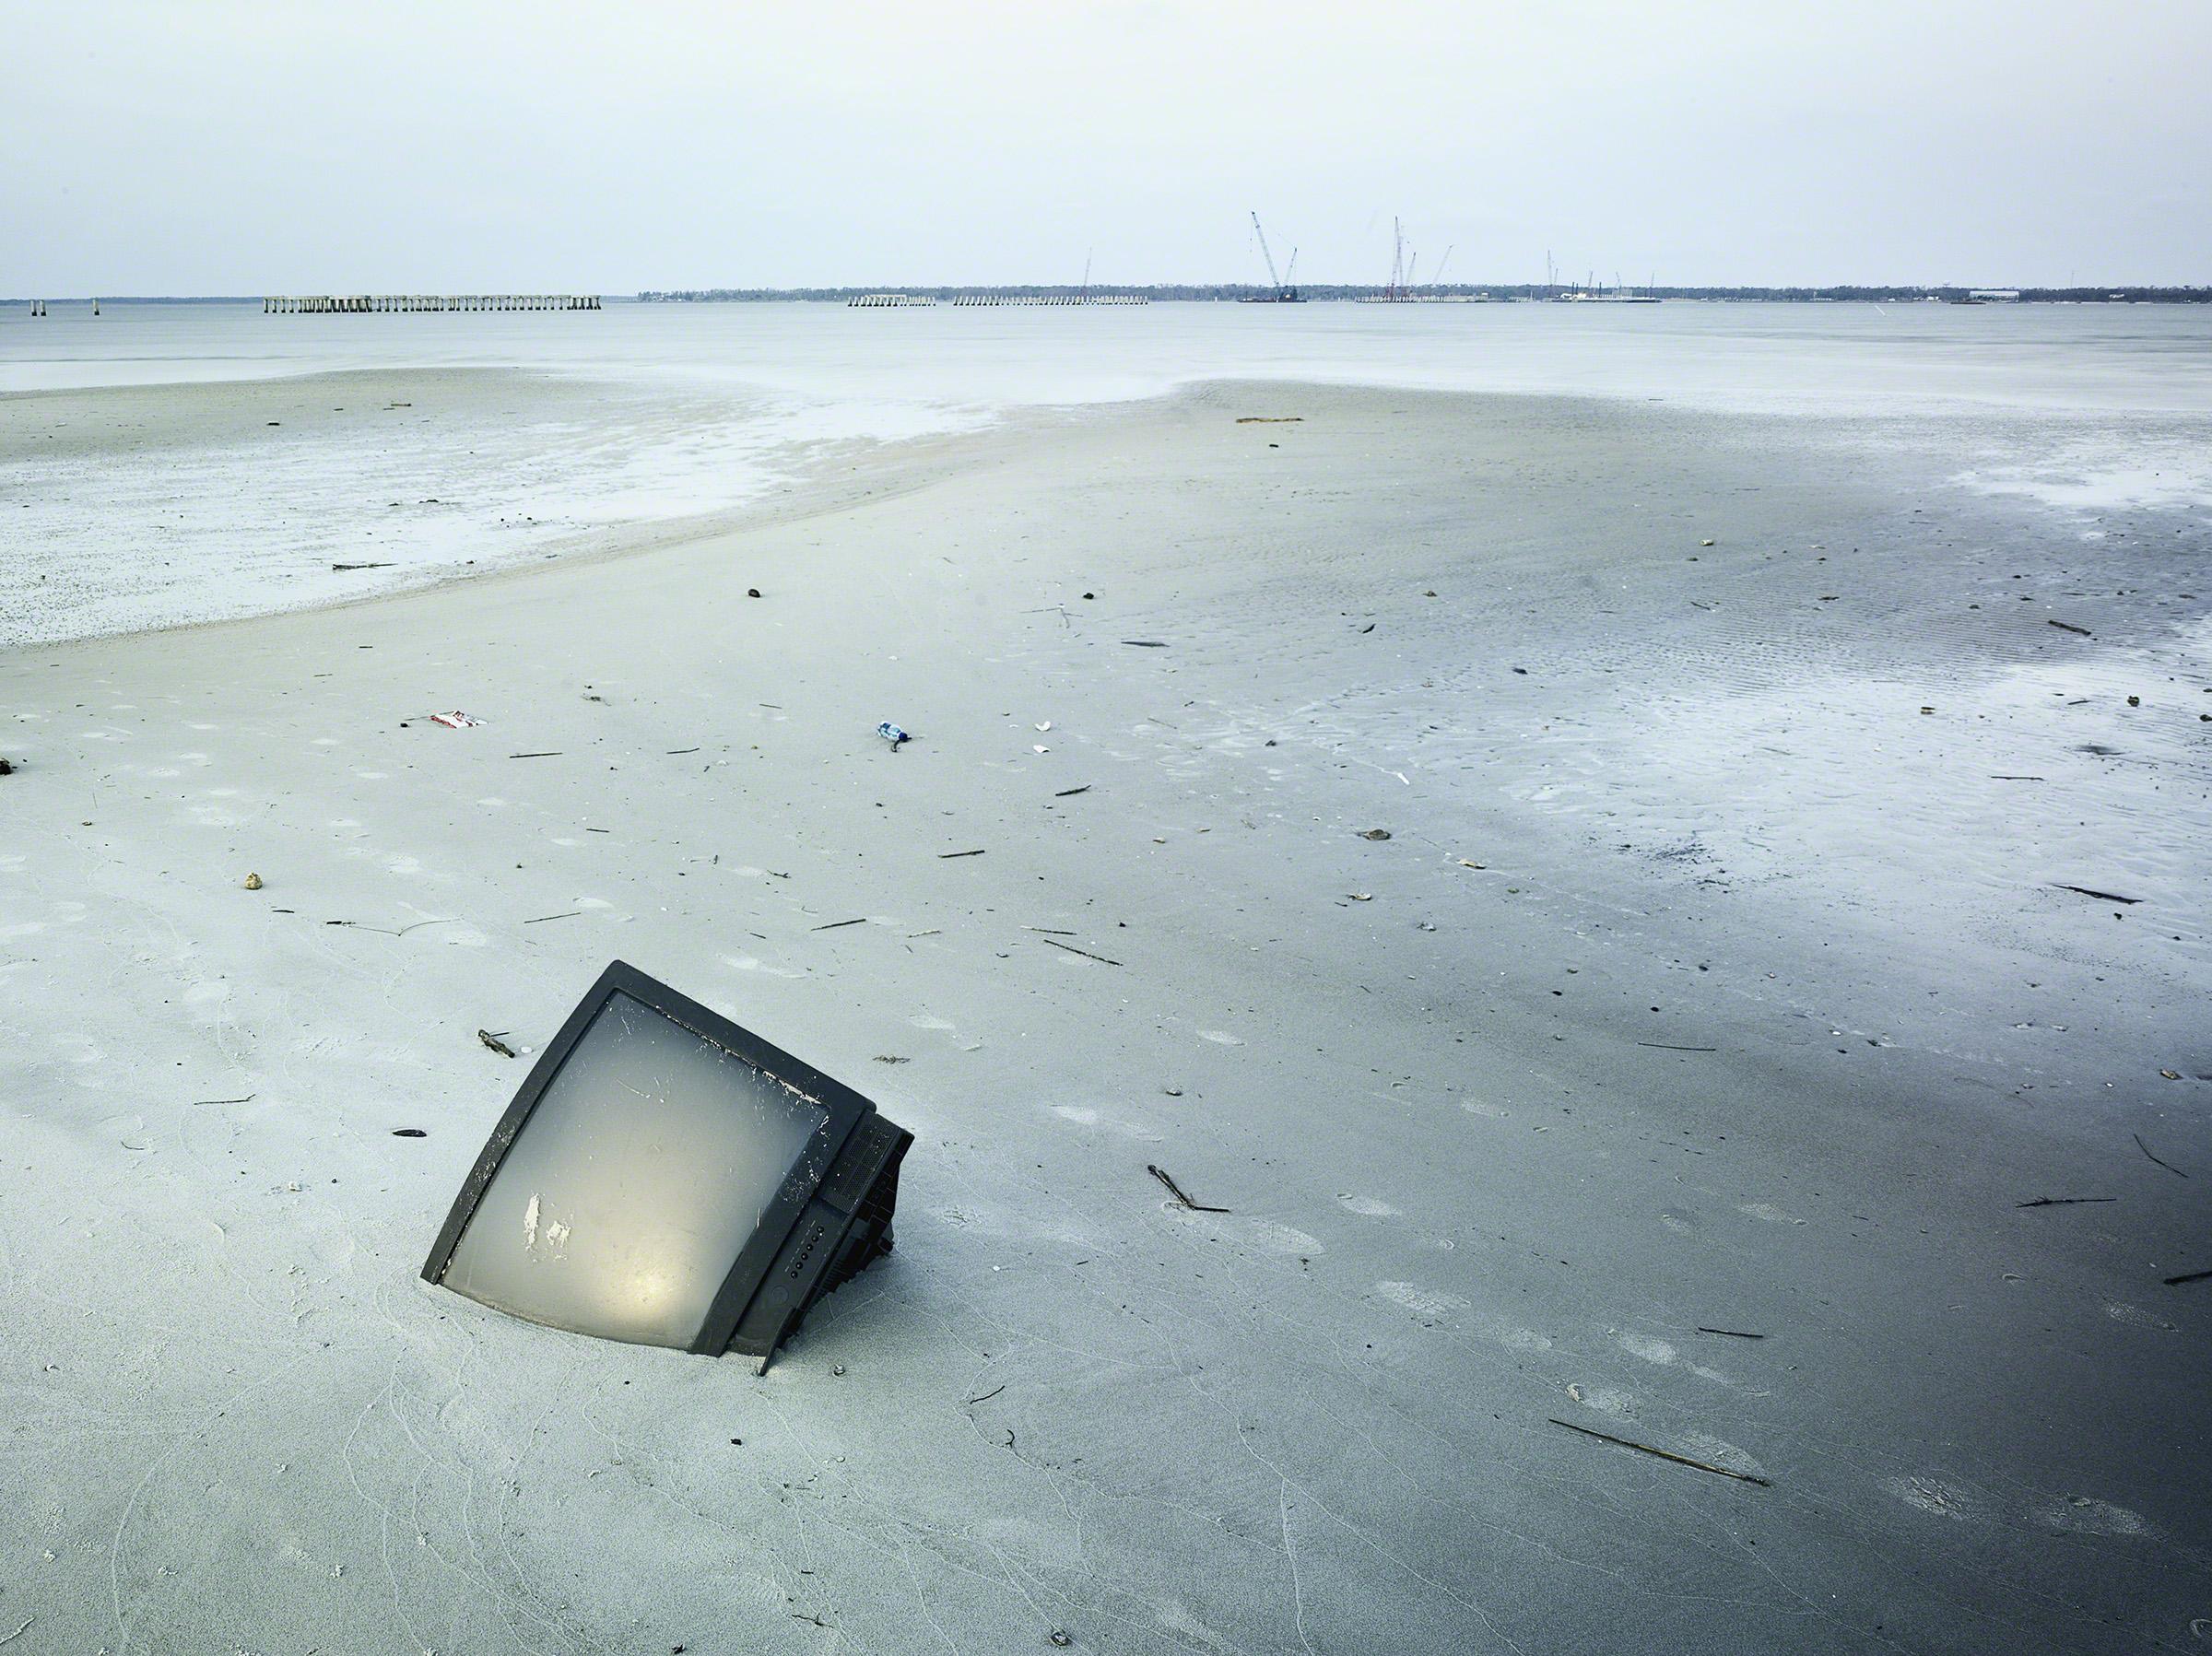 TV in the sand post Hurricane Katrina, Bay St. Louis, Mississippi. © Stephen Wilkes courtesy ofPeter Fetterman Gallery.